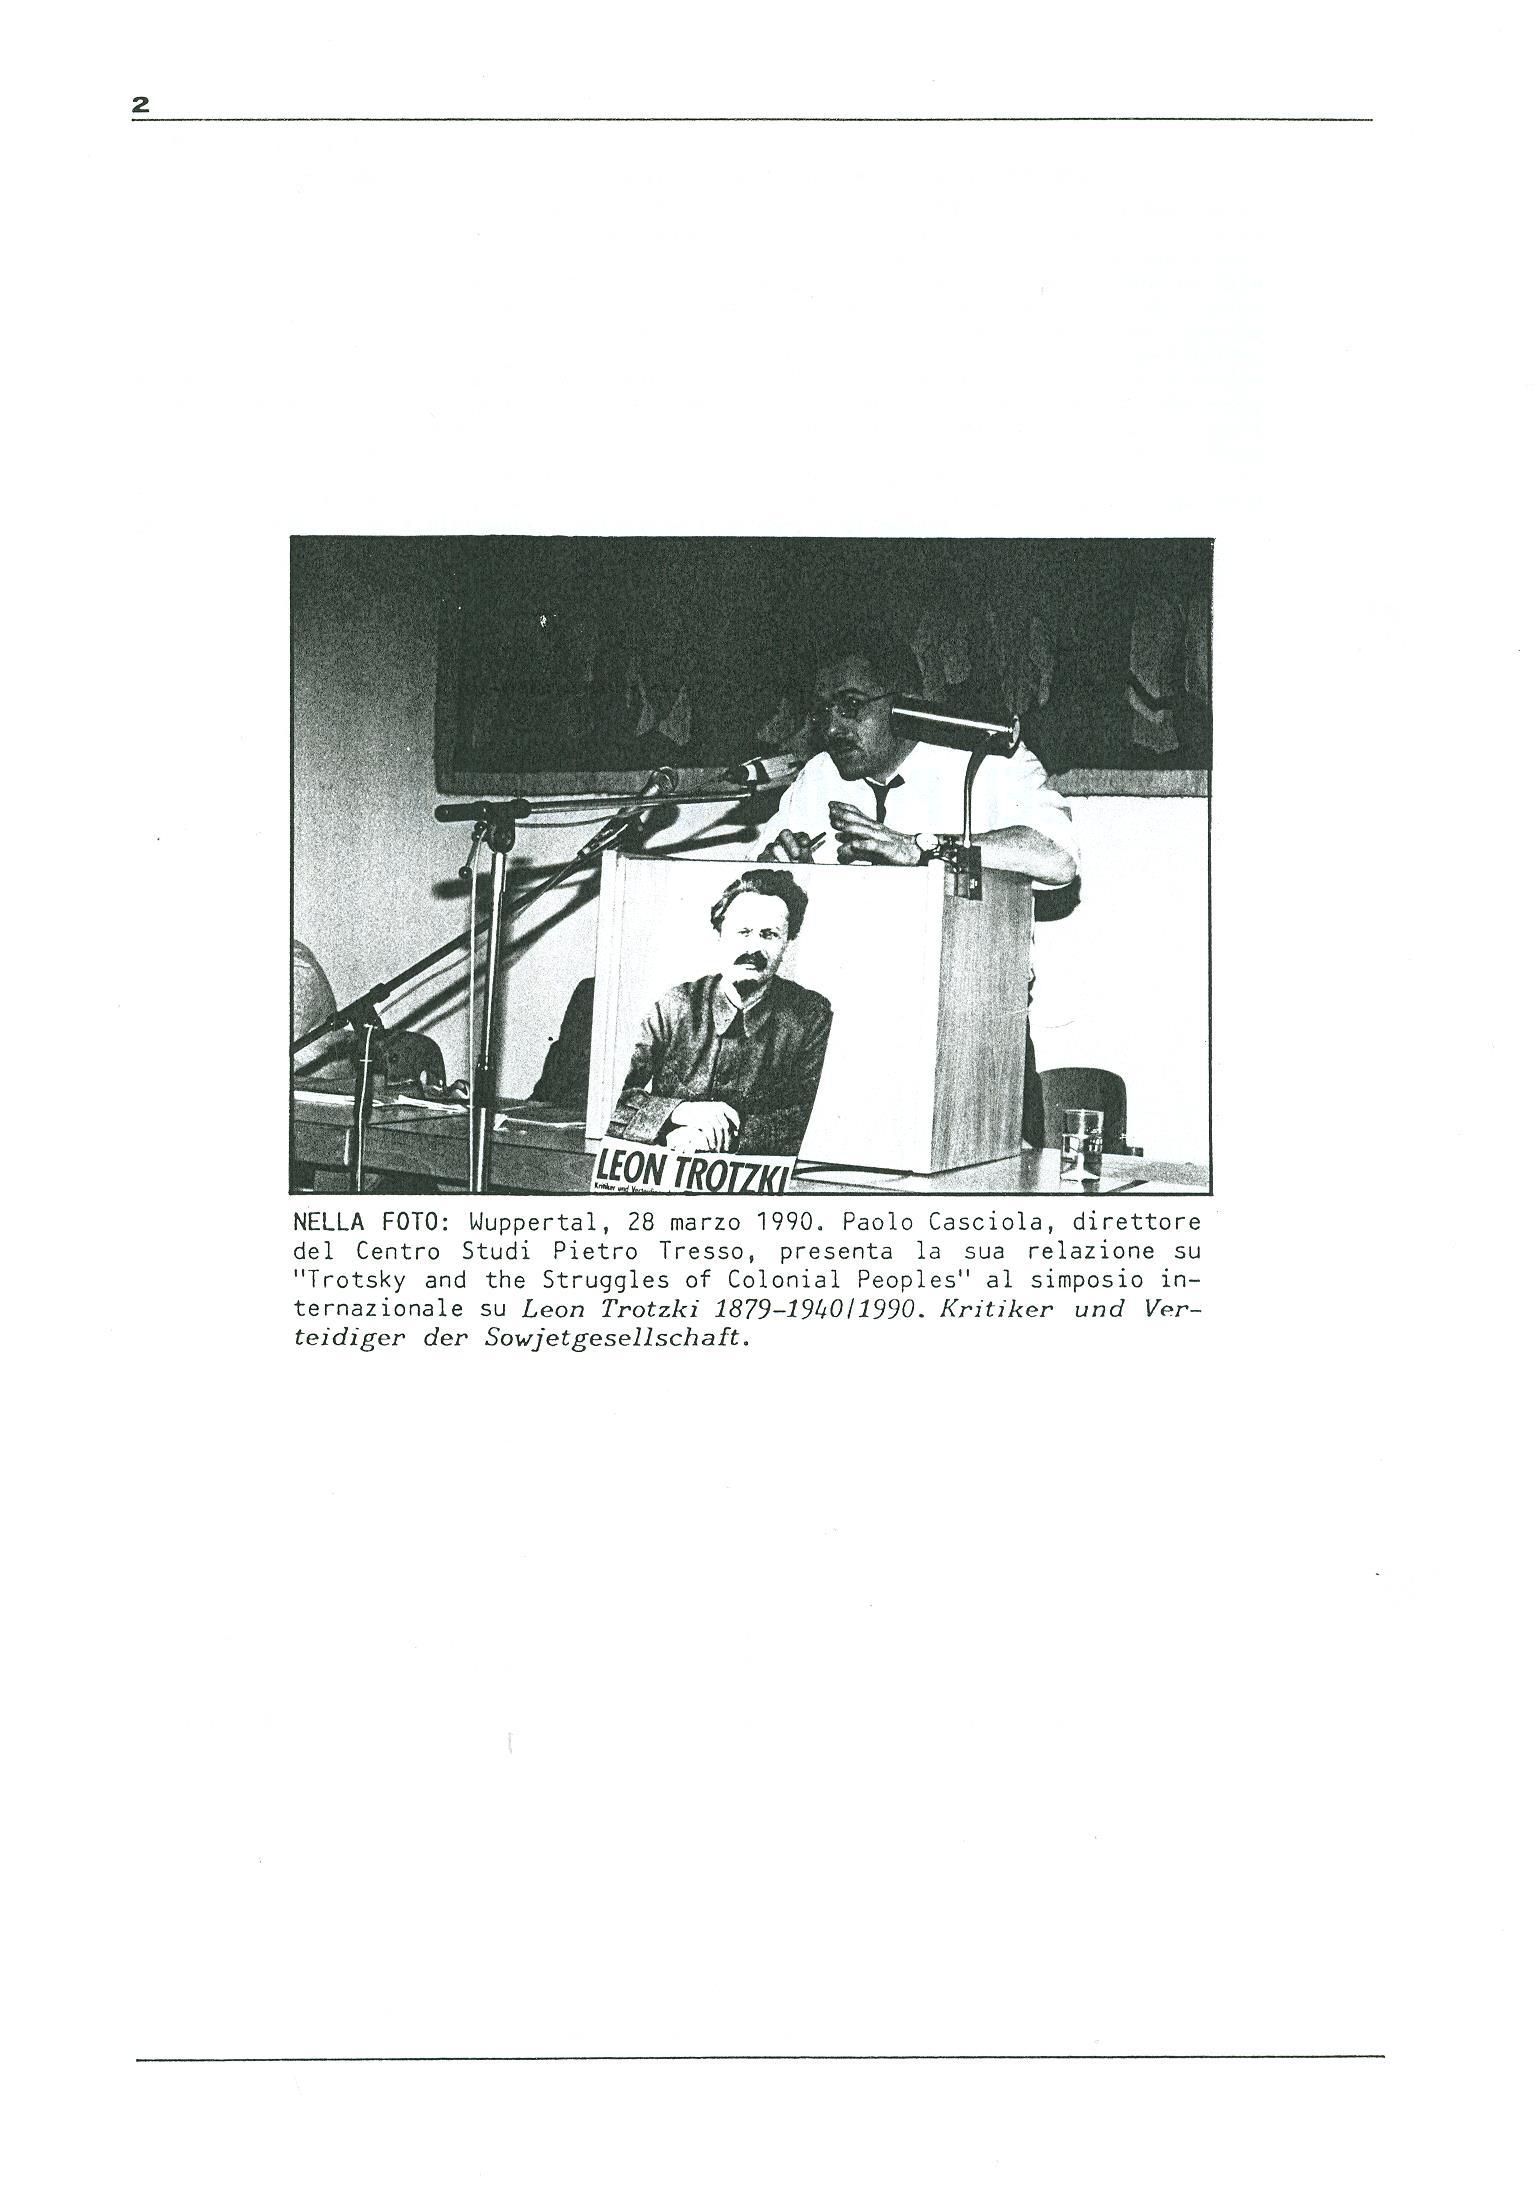 Studi e Ricerche n. 18 (aprile 1990) - pag. 2